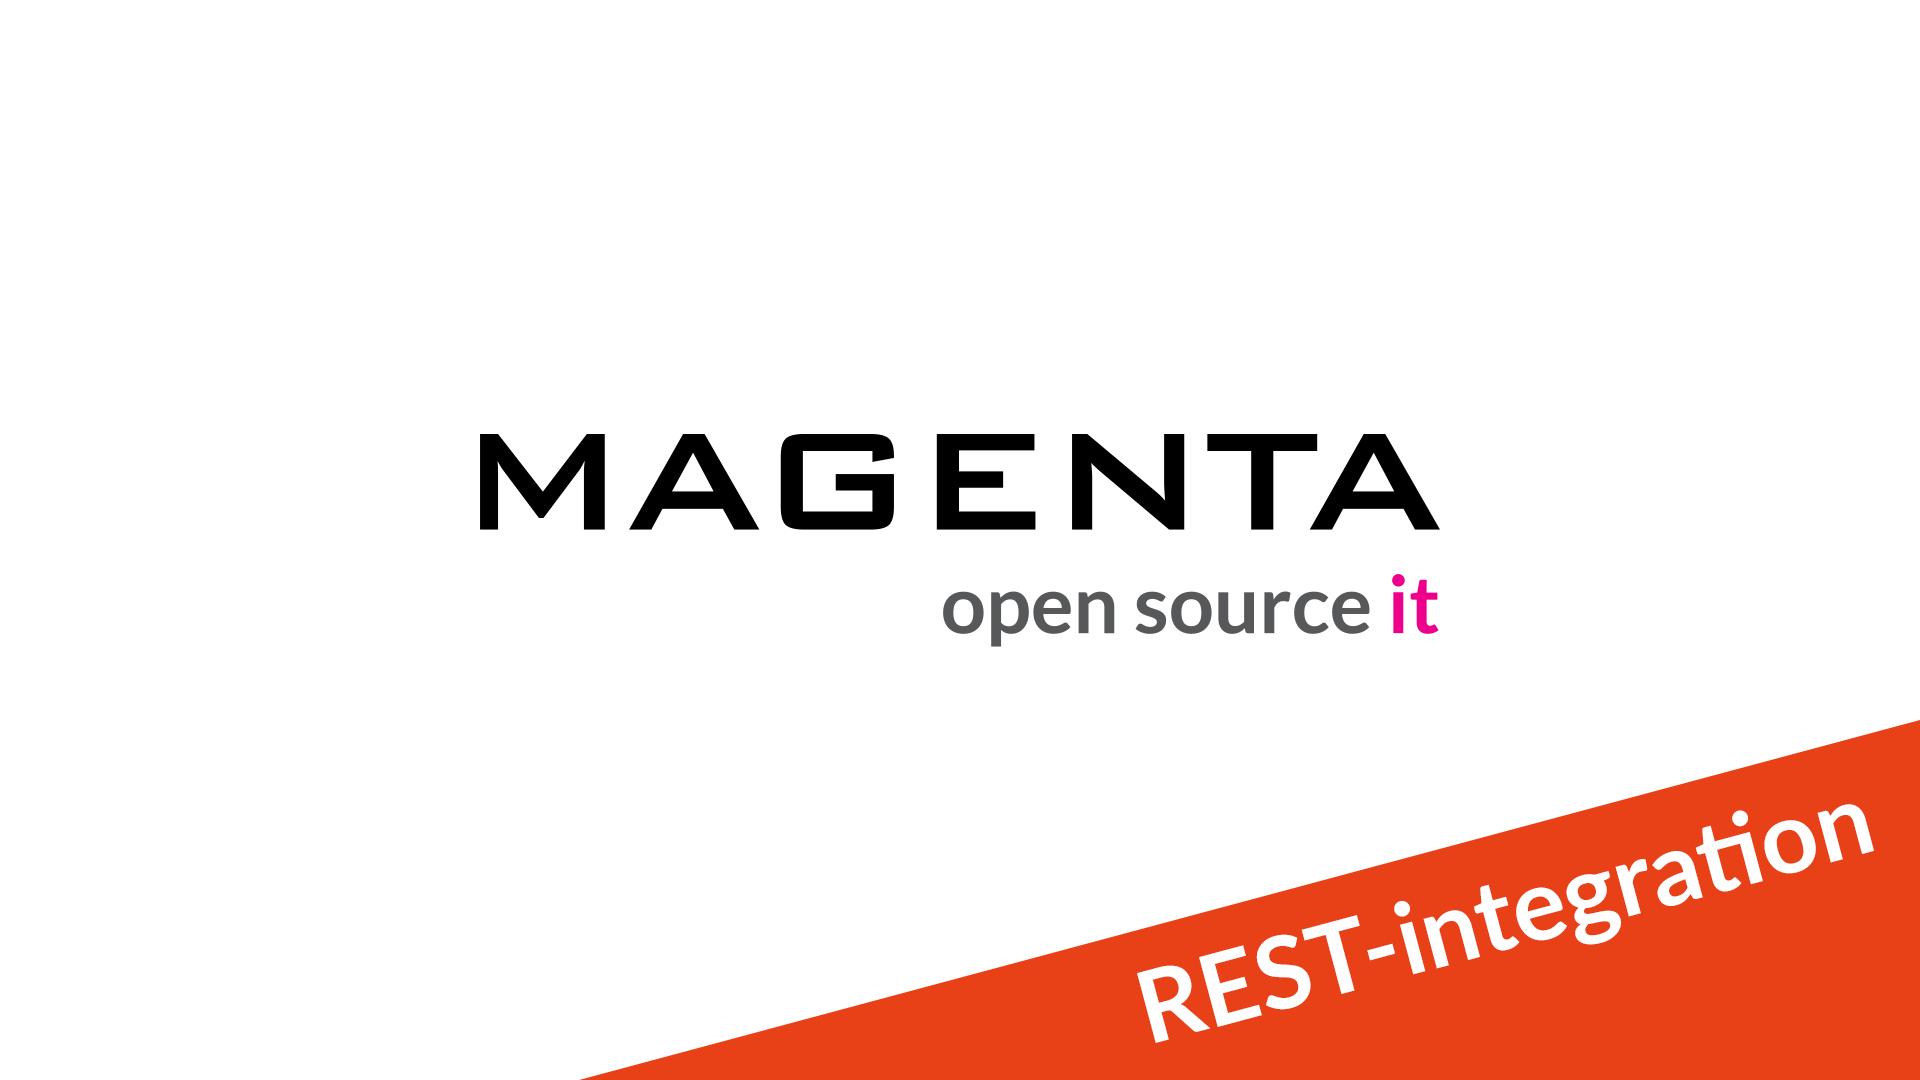 Rest-integration Magenta